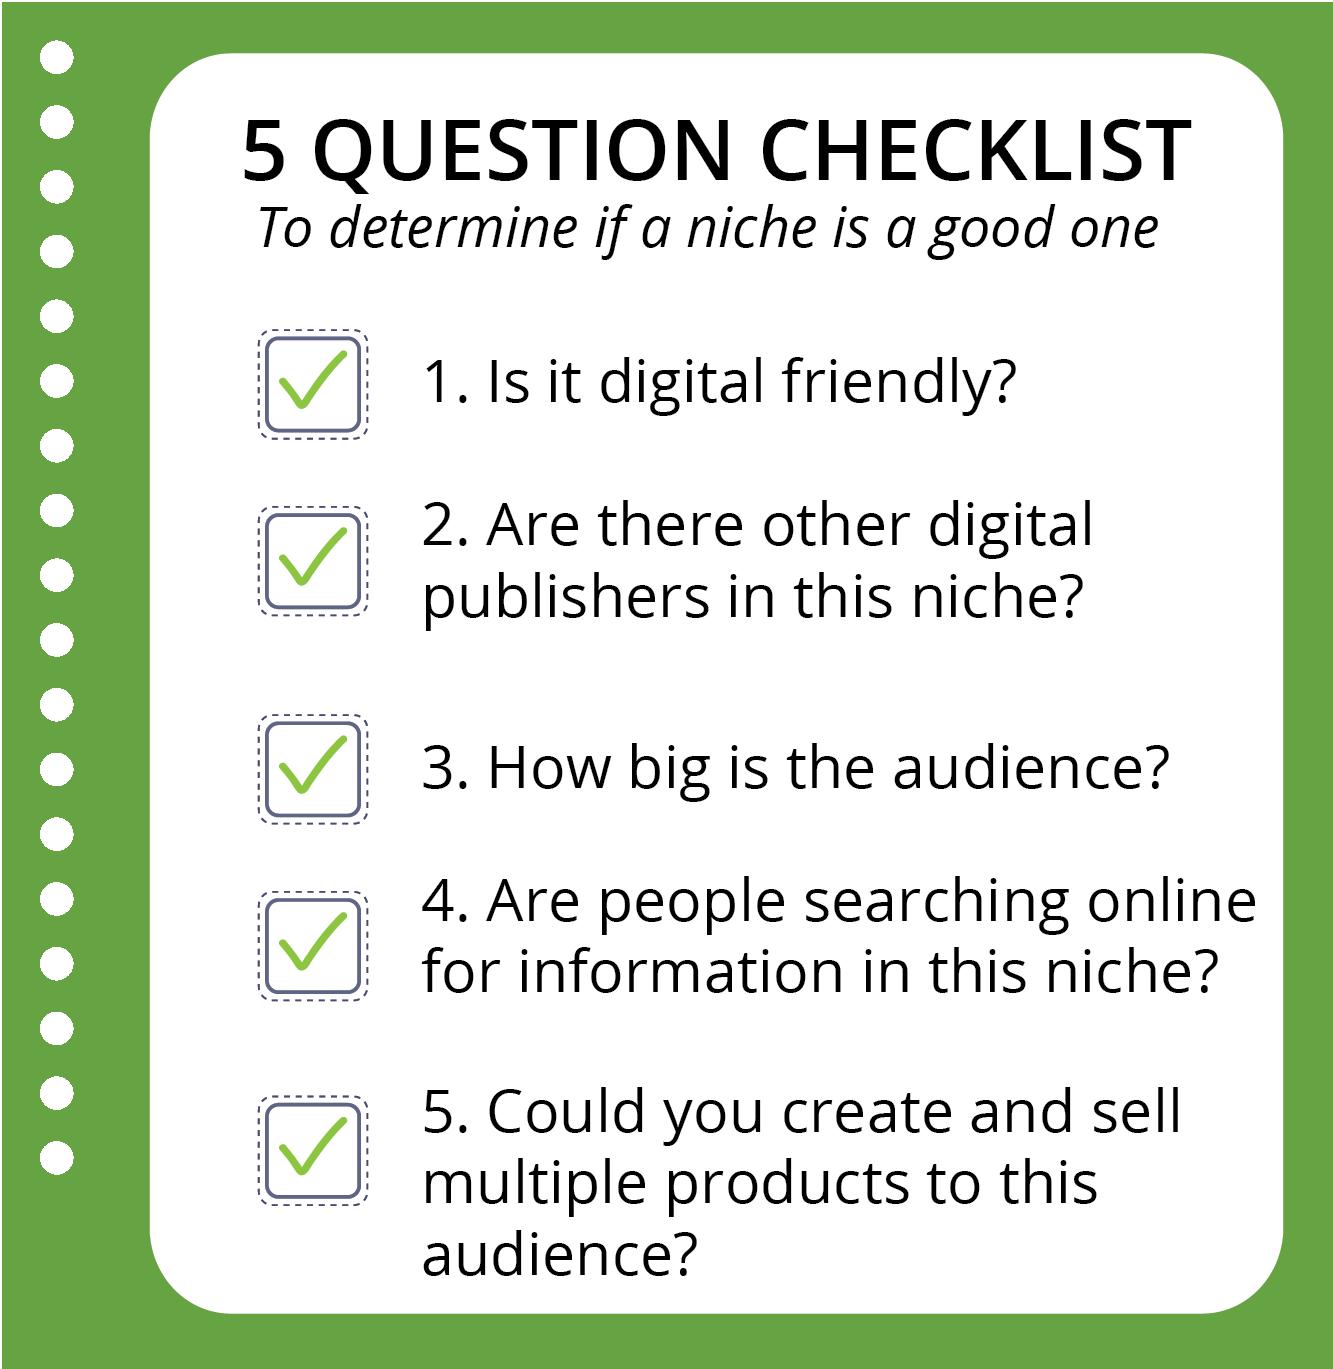 5 Question Niche Checklist